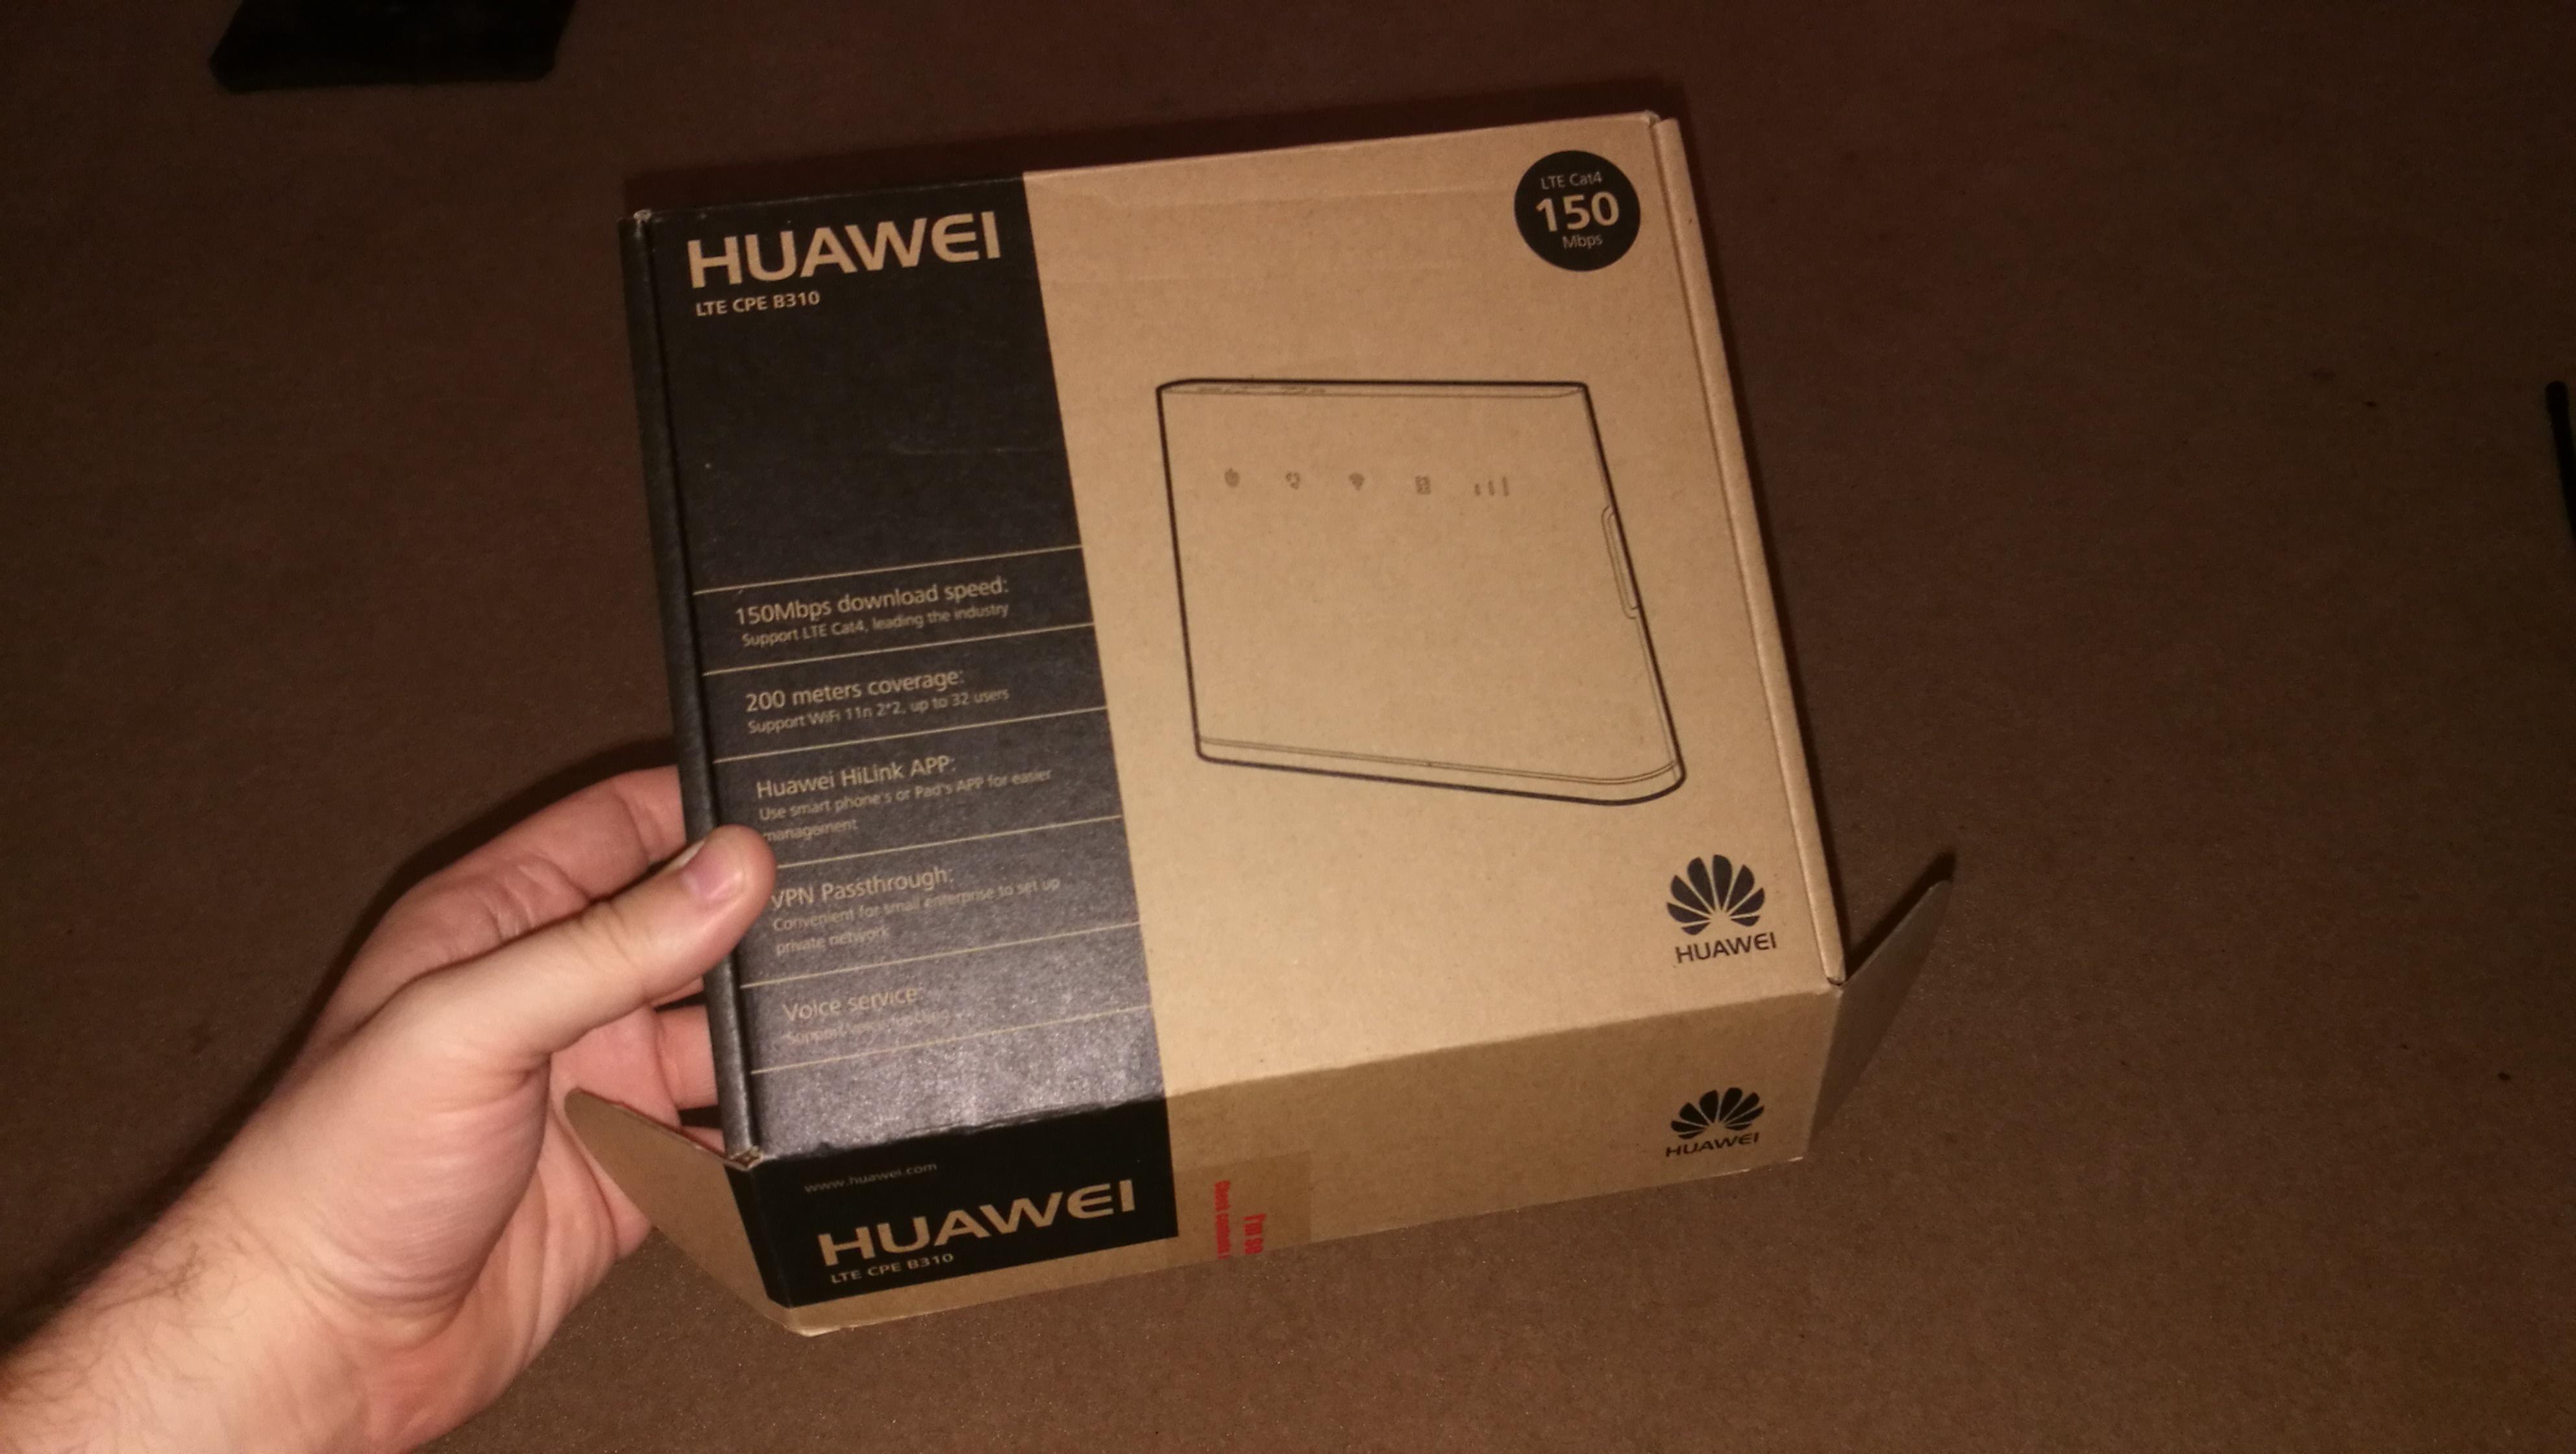 huawei b310. huawei b310